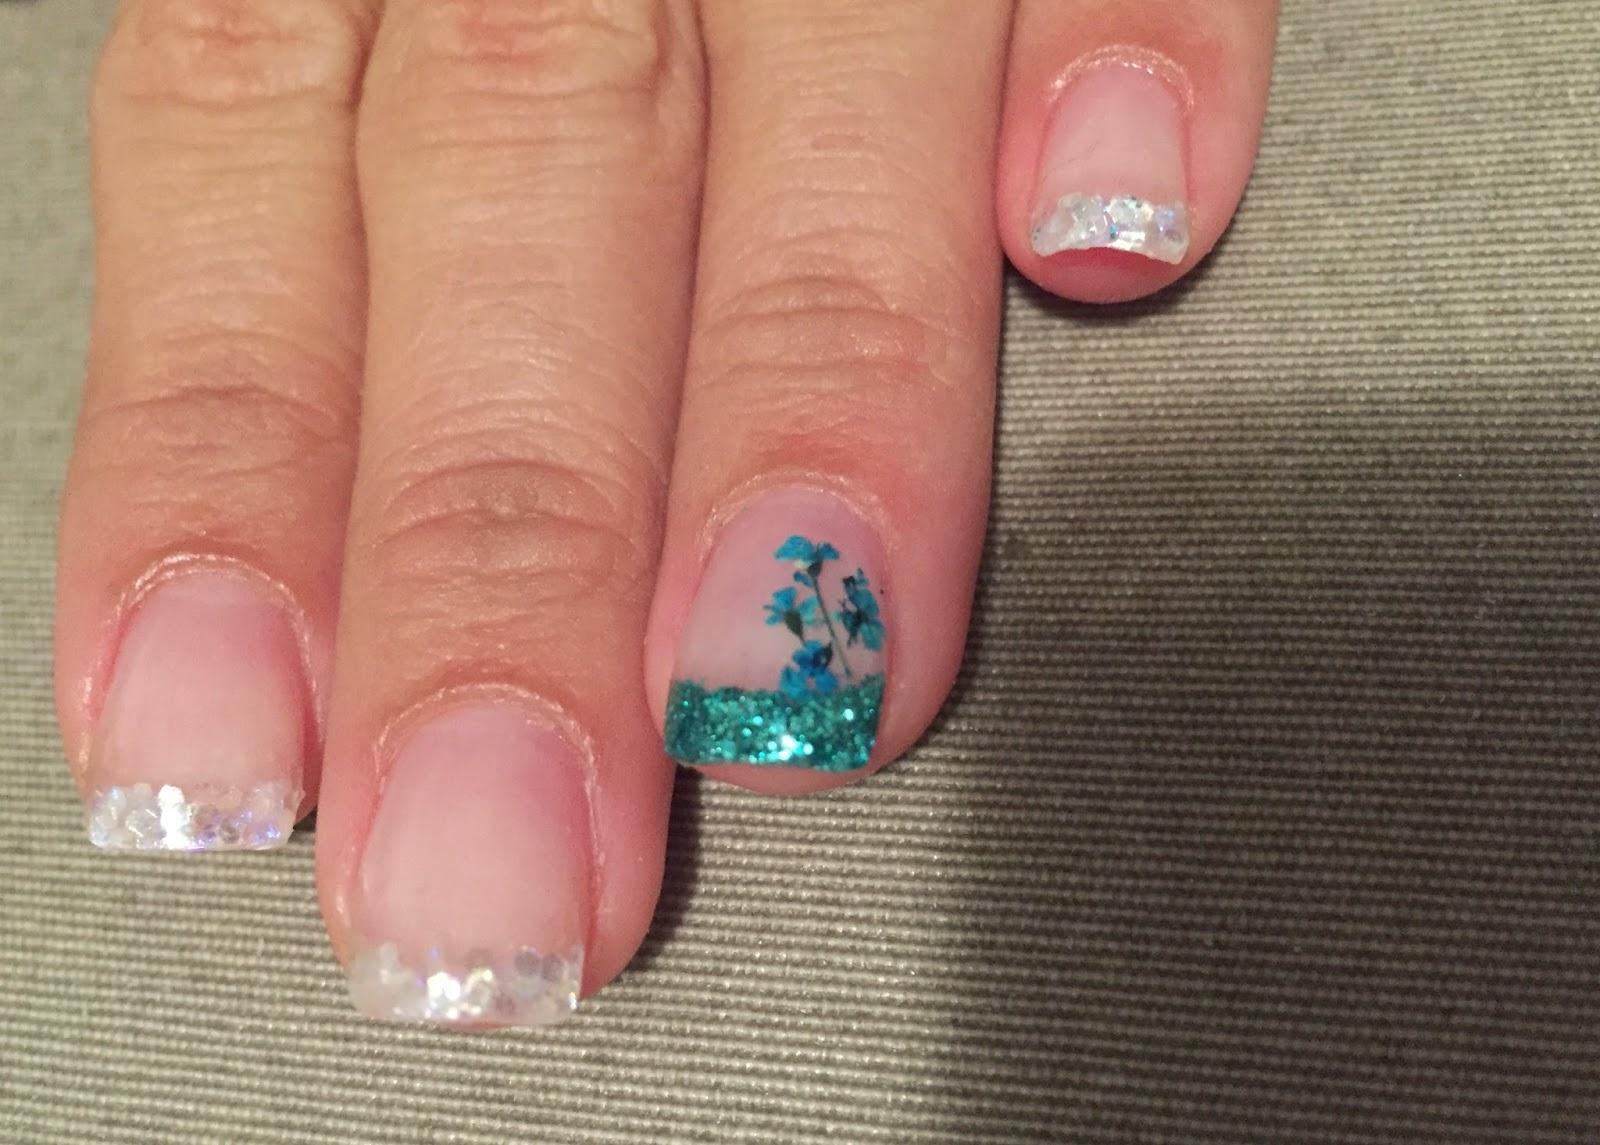 Lenny nails - Decoraciones de unas de gel ...